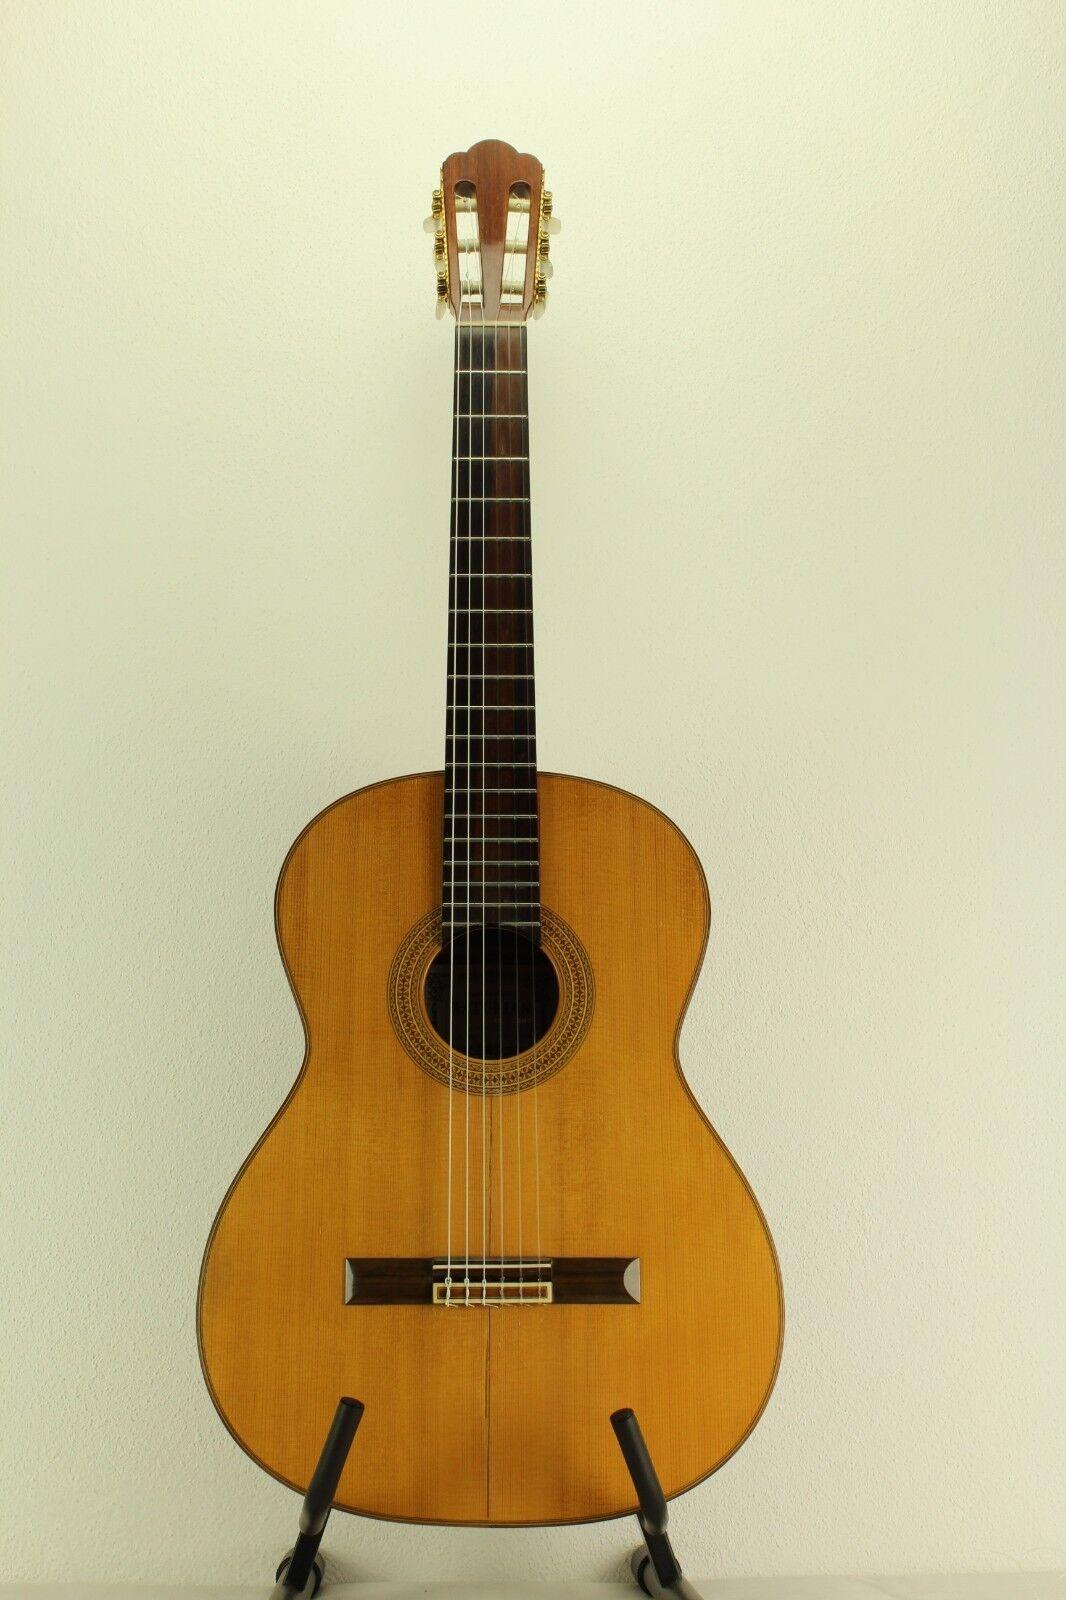 Asturias Modell 500 klassische Gitarre der Meisterklasse - Trauminstrument